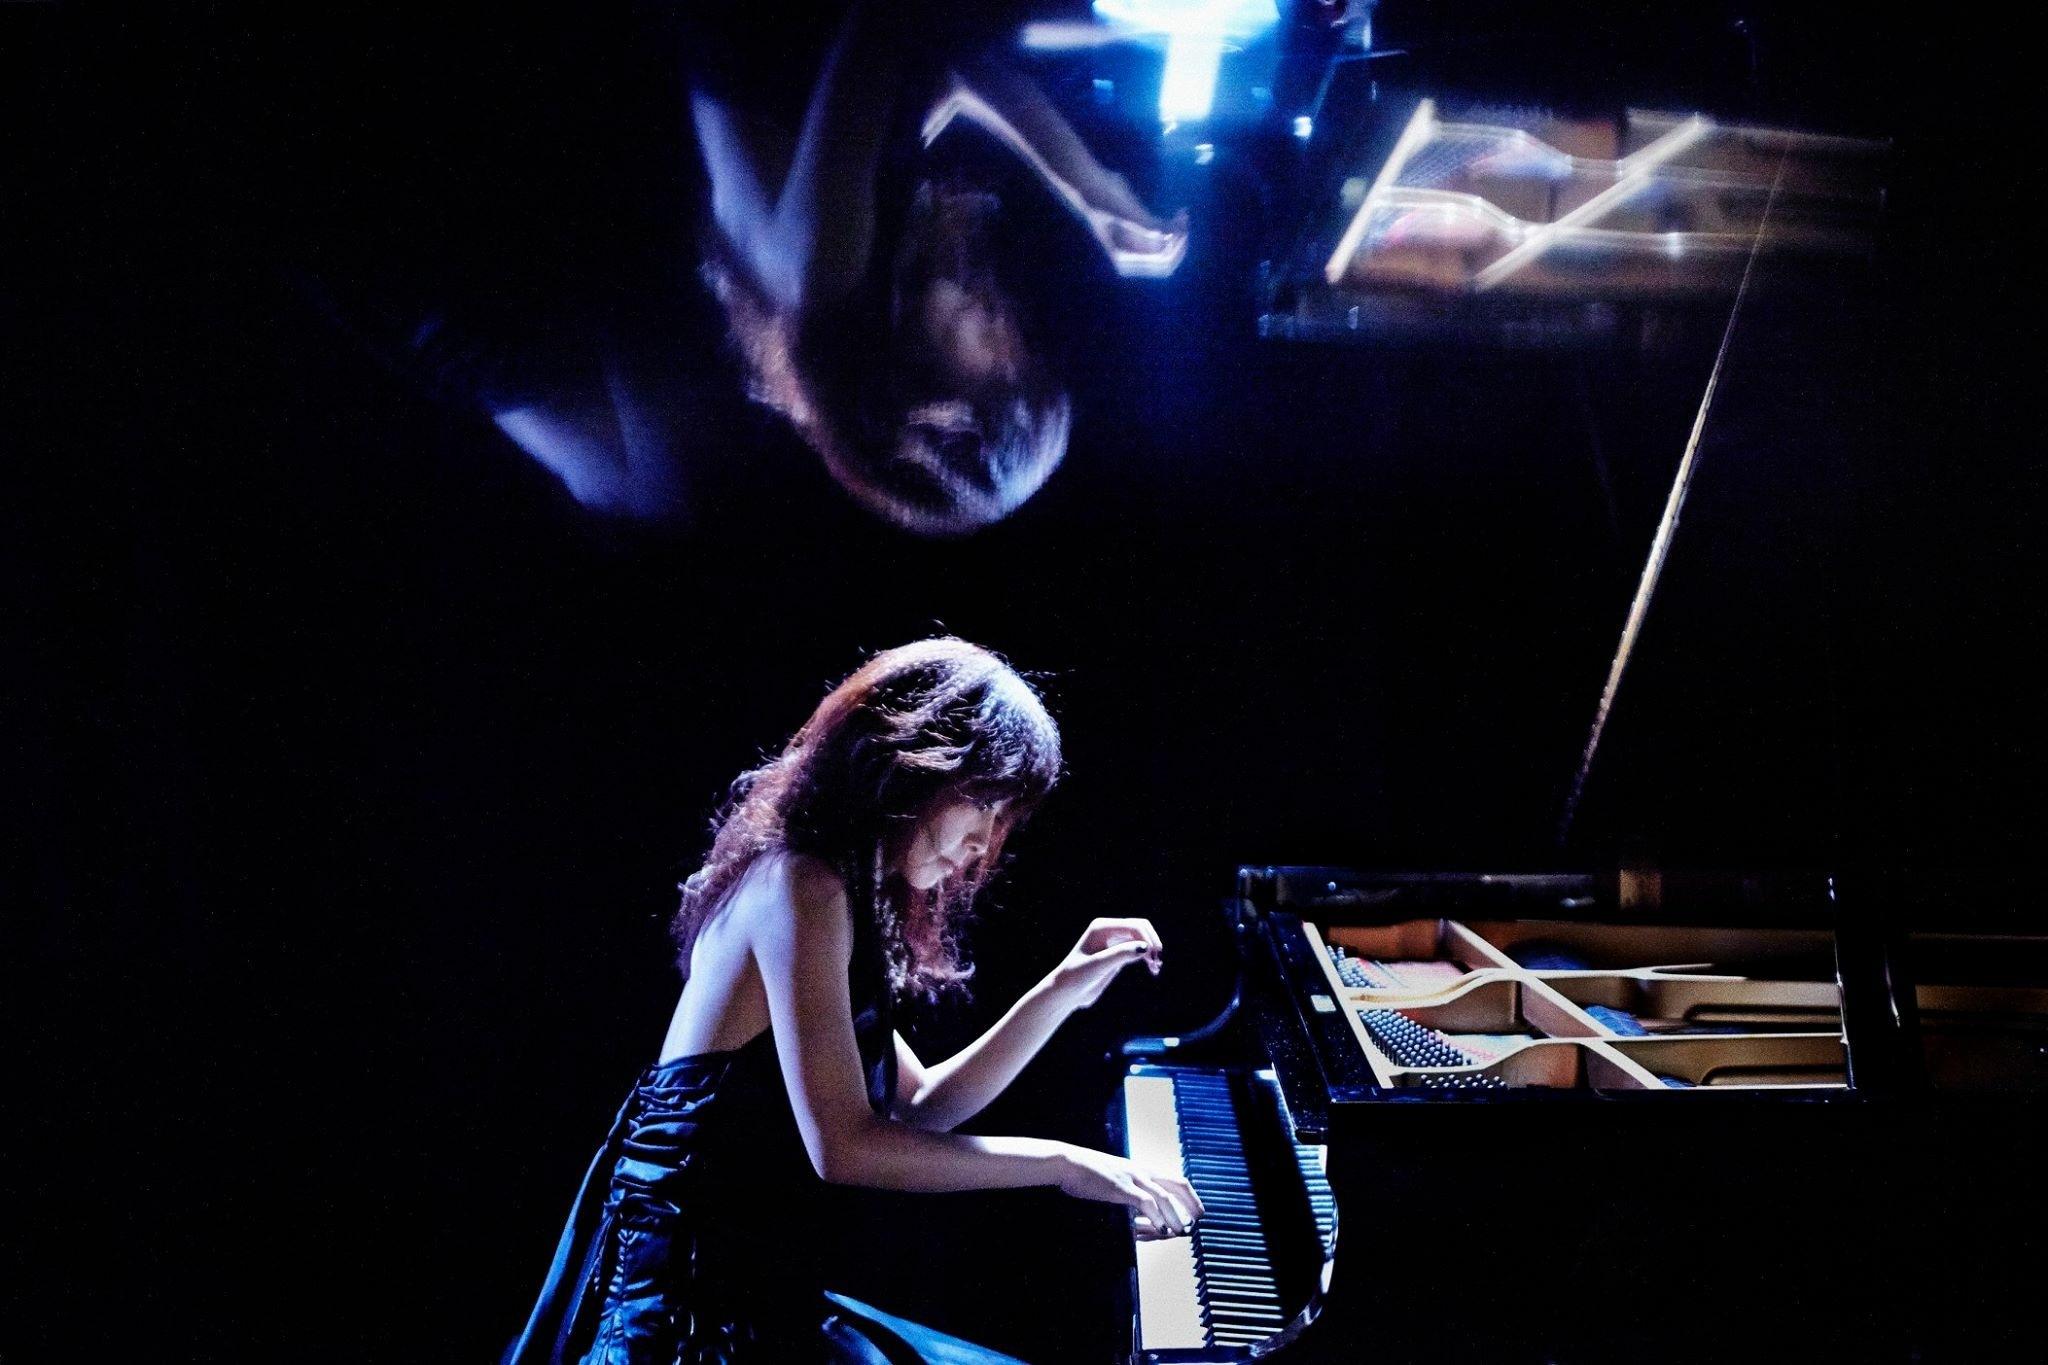 【杏梨】最高のピアノフラメンコミニアルバムを作りたい!制作応援キャンペーン!!